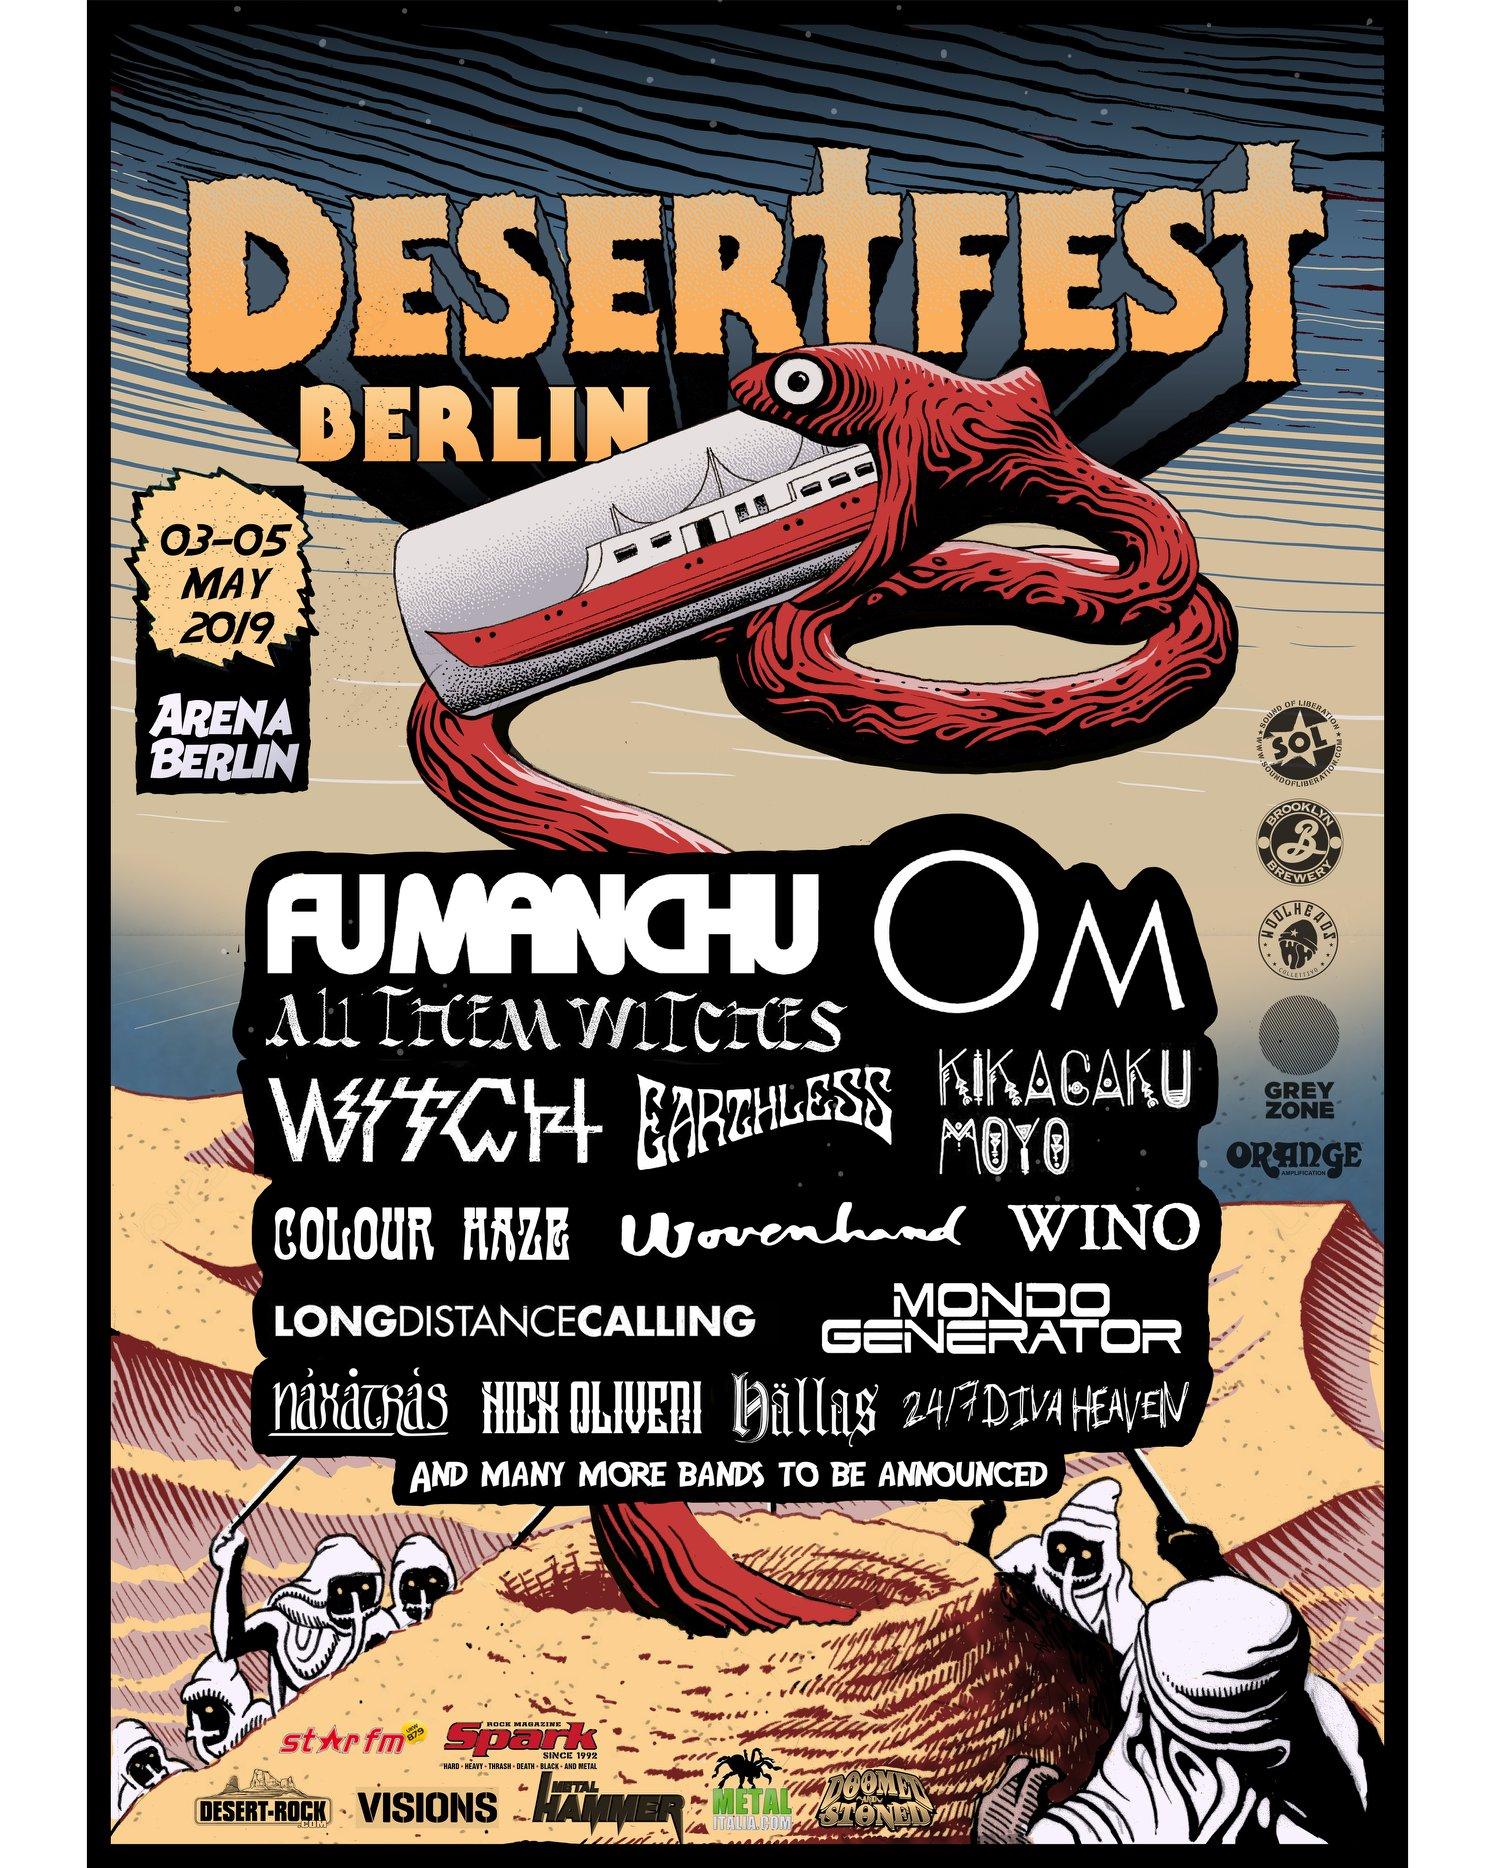 desertfest berlin 2019 poster